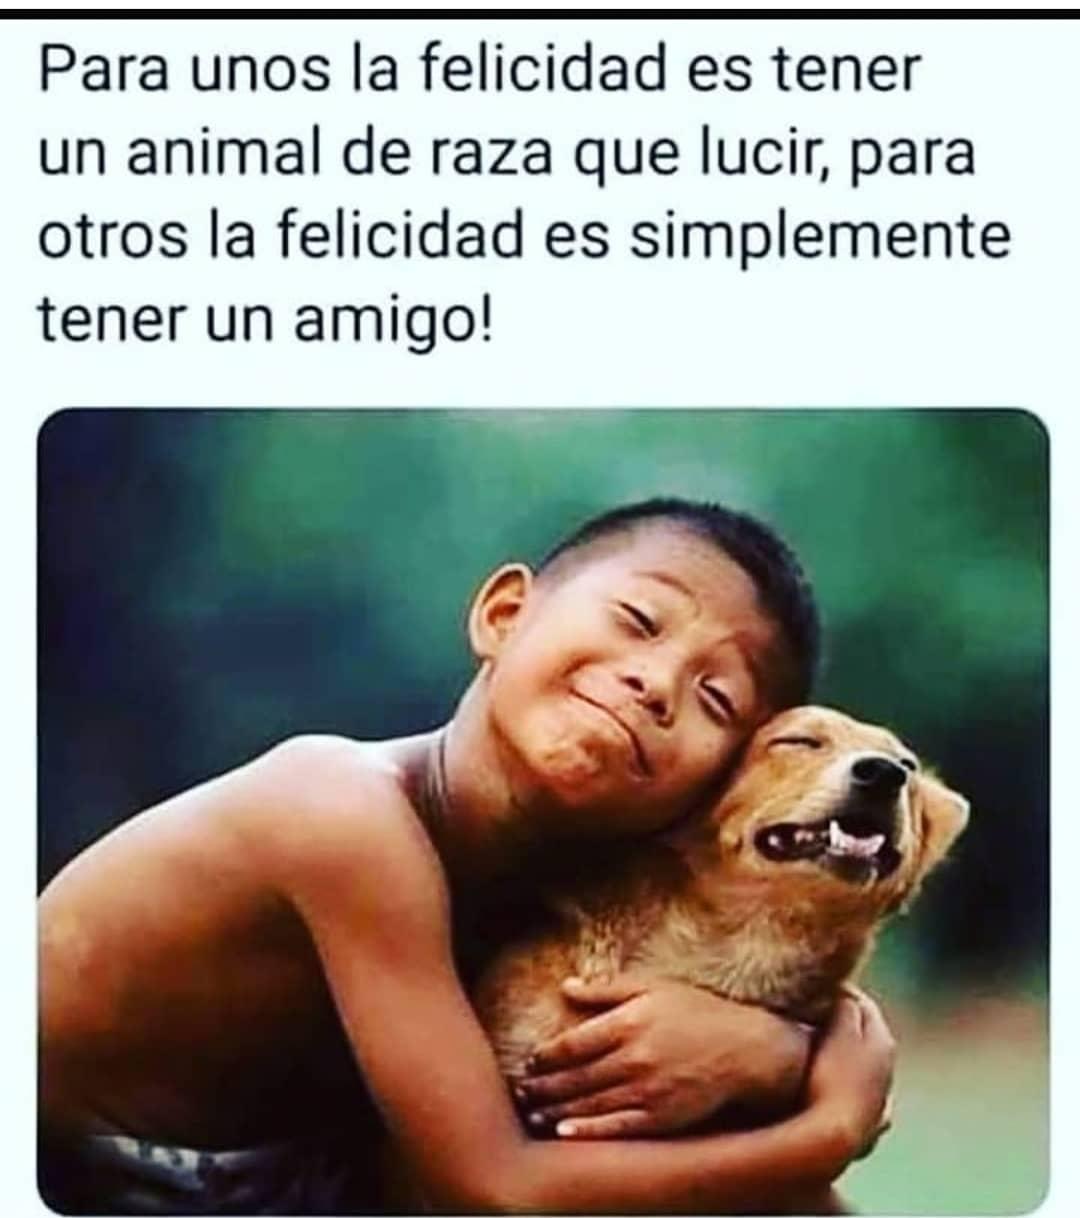 Para unos la felicidad es tener un animal de raza que lucir, para otros la felicidad es simplemente tener un amigo!